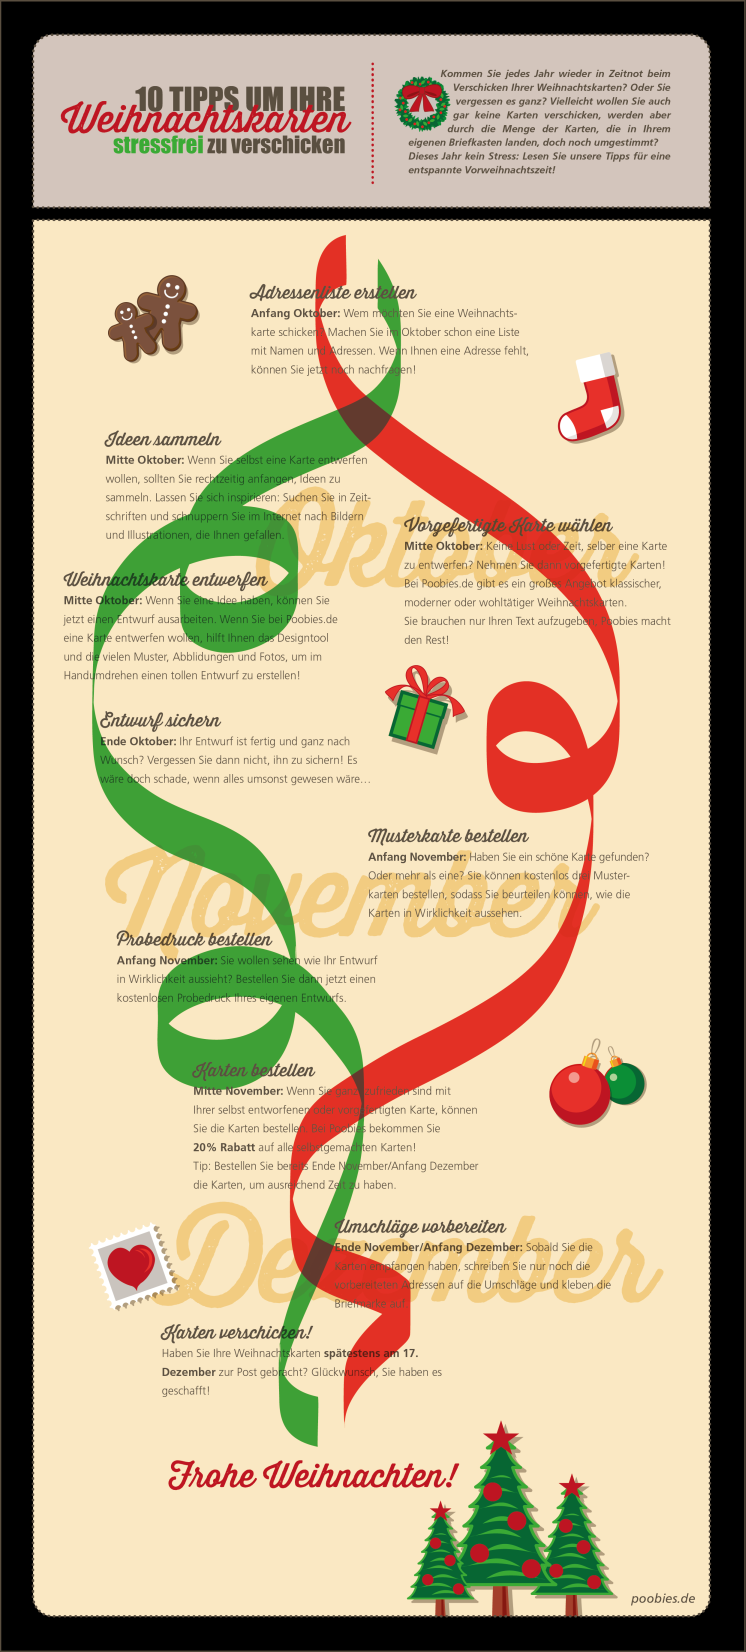 Weihnachten-247.Info - Weihnachten Infos & Weihnachten Tipps | Tipps um Weihnachtskarten zu verschicken